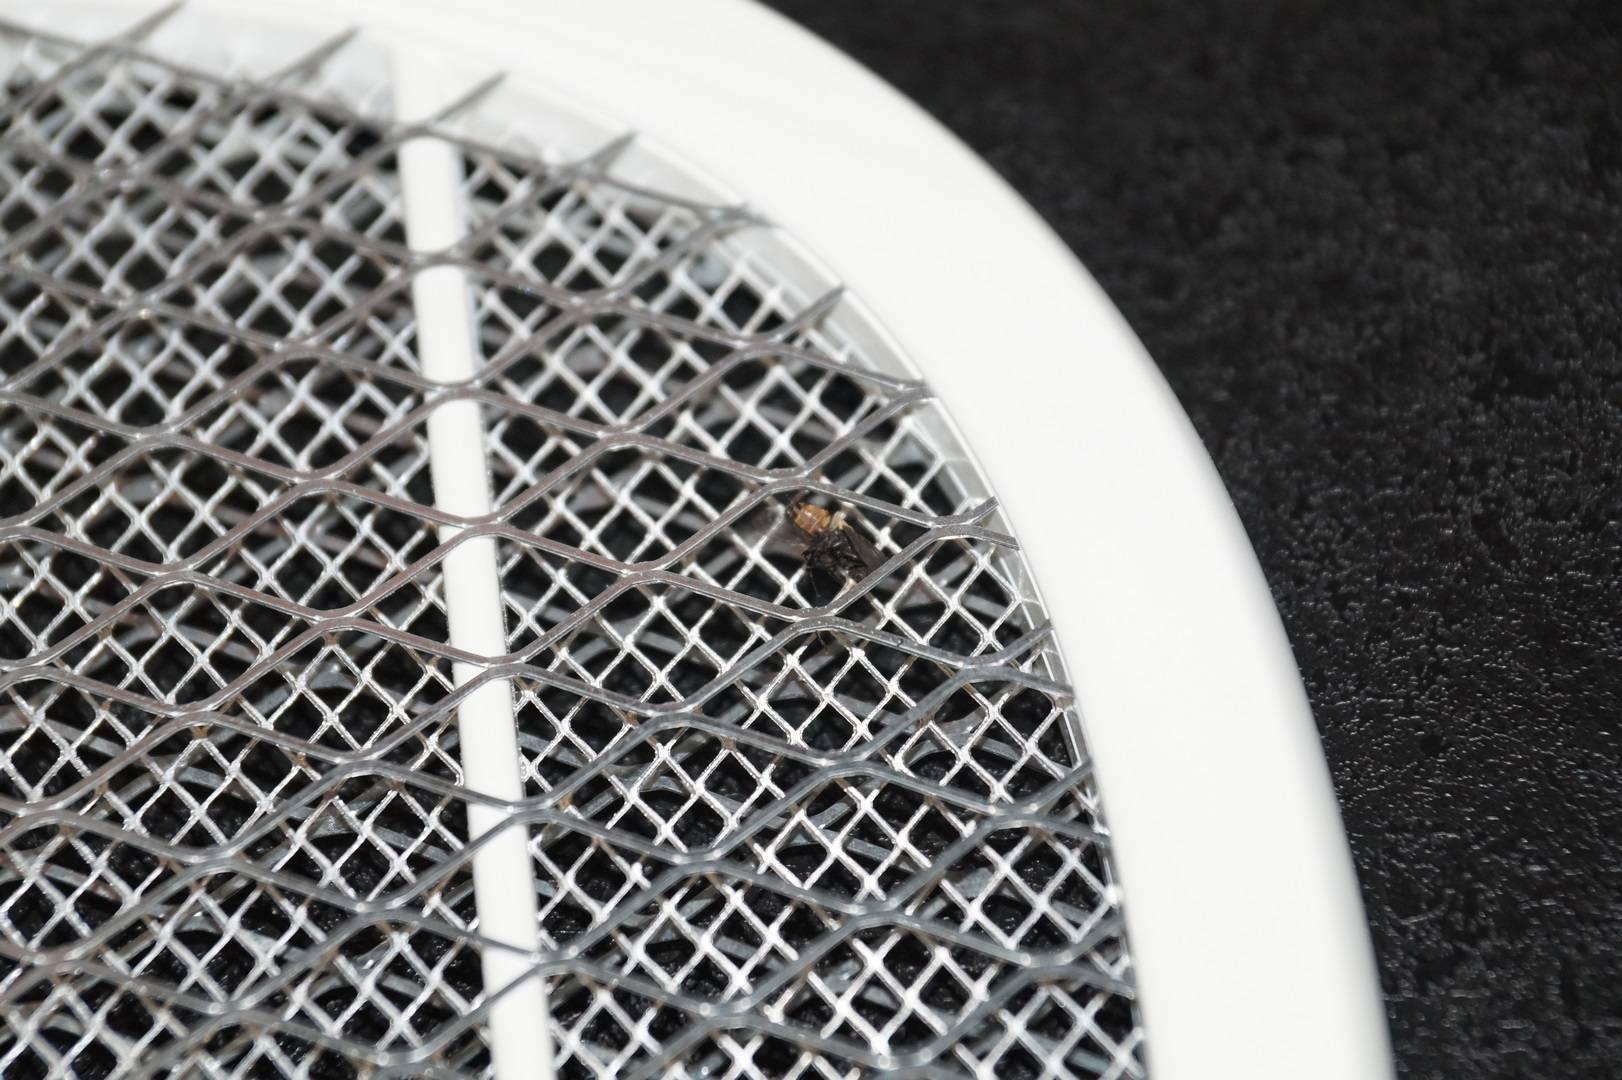 Сделанная в китае электрическая мухобойка. электронные самоделки для радиолюбителей и начинающих электриков схема самодельной электрическая мухобойки